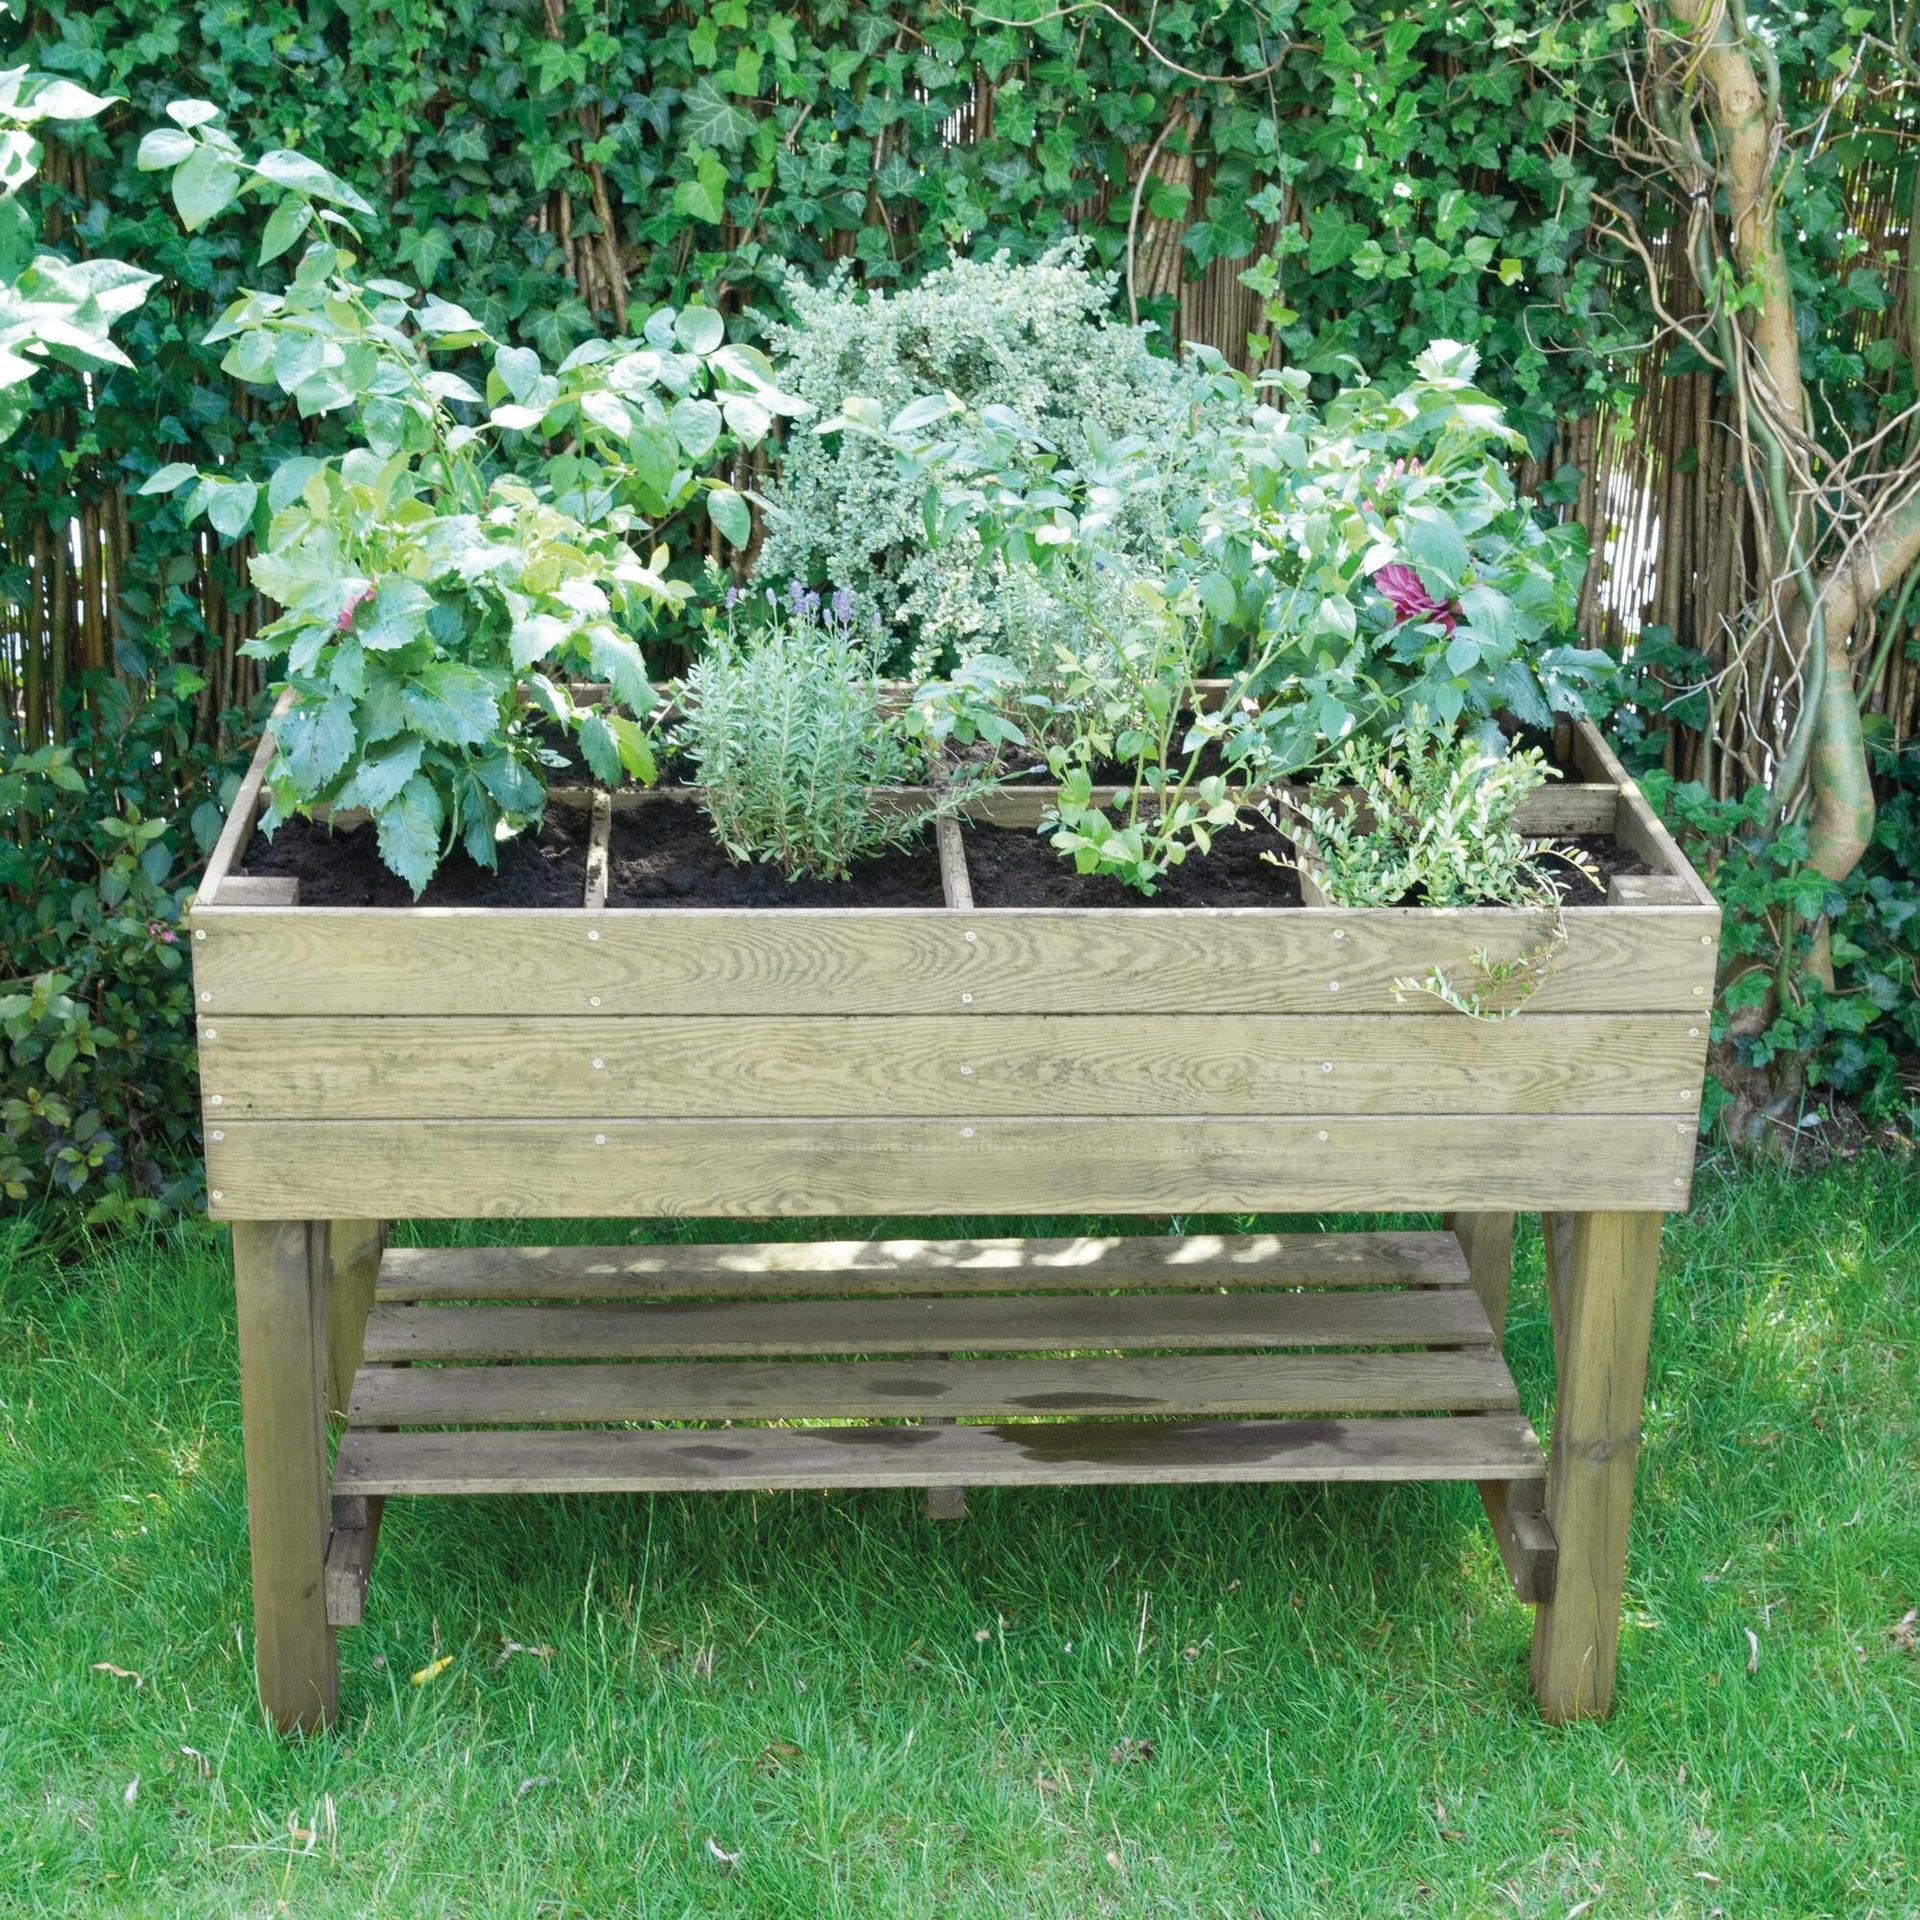 Fioriera per orto in legno verde L 120 x P 60 x H 80 cm - 2